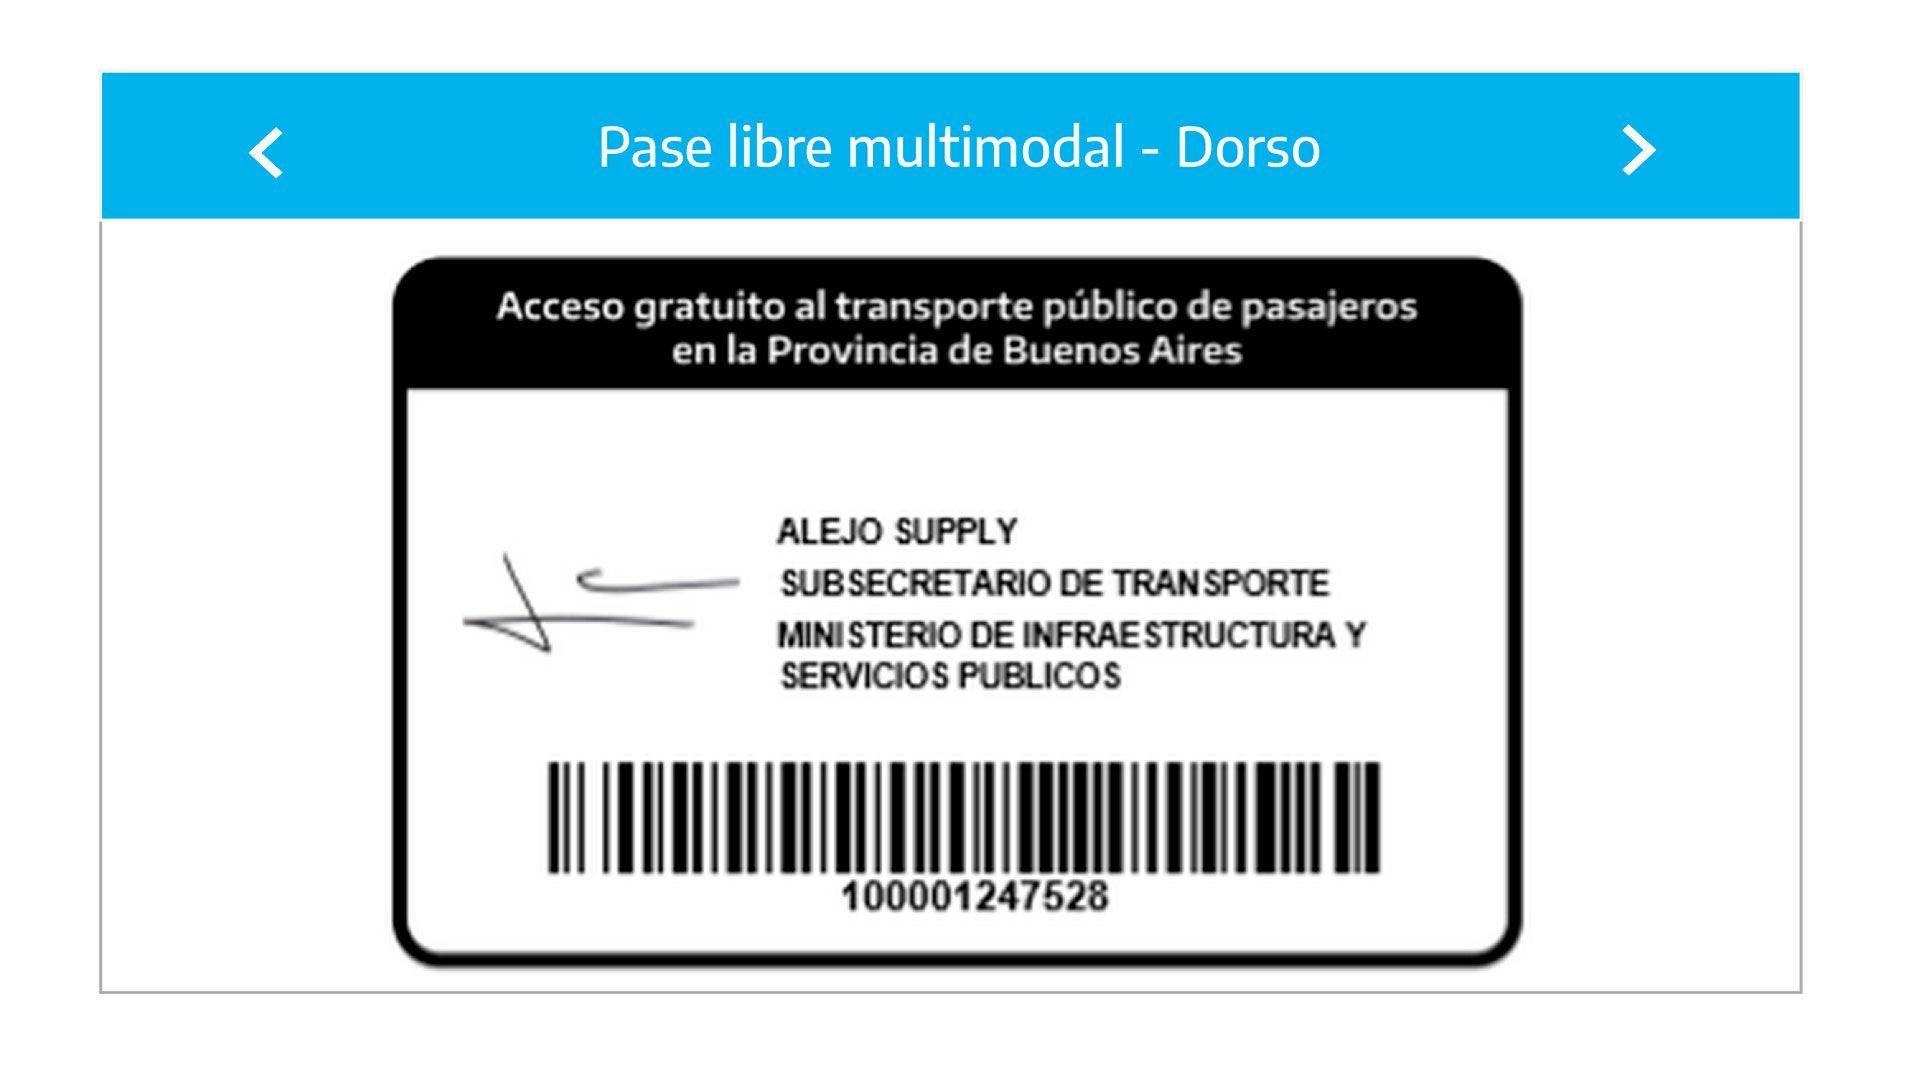 credencial digital pase libre PBA